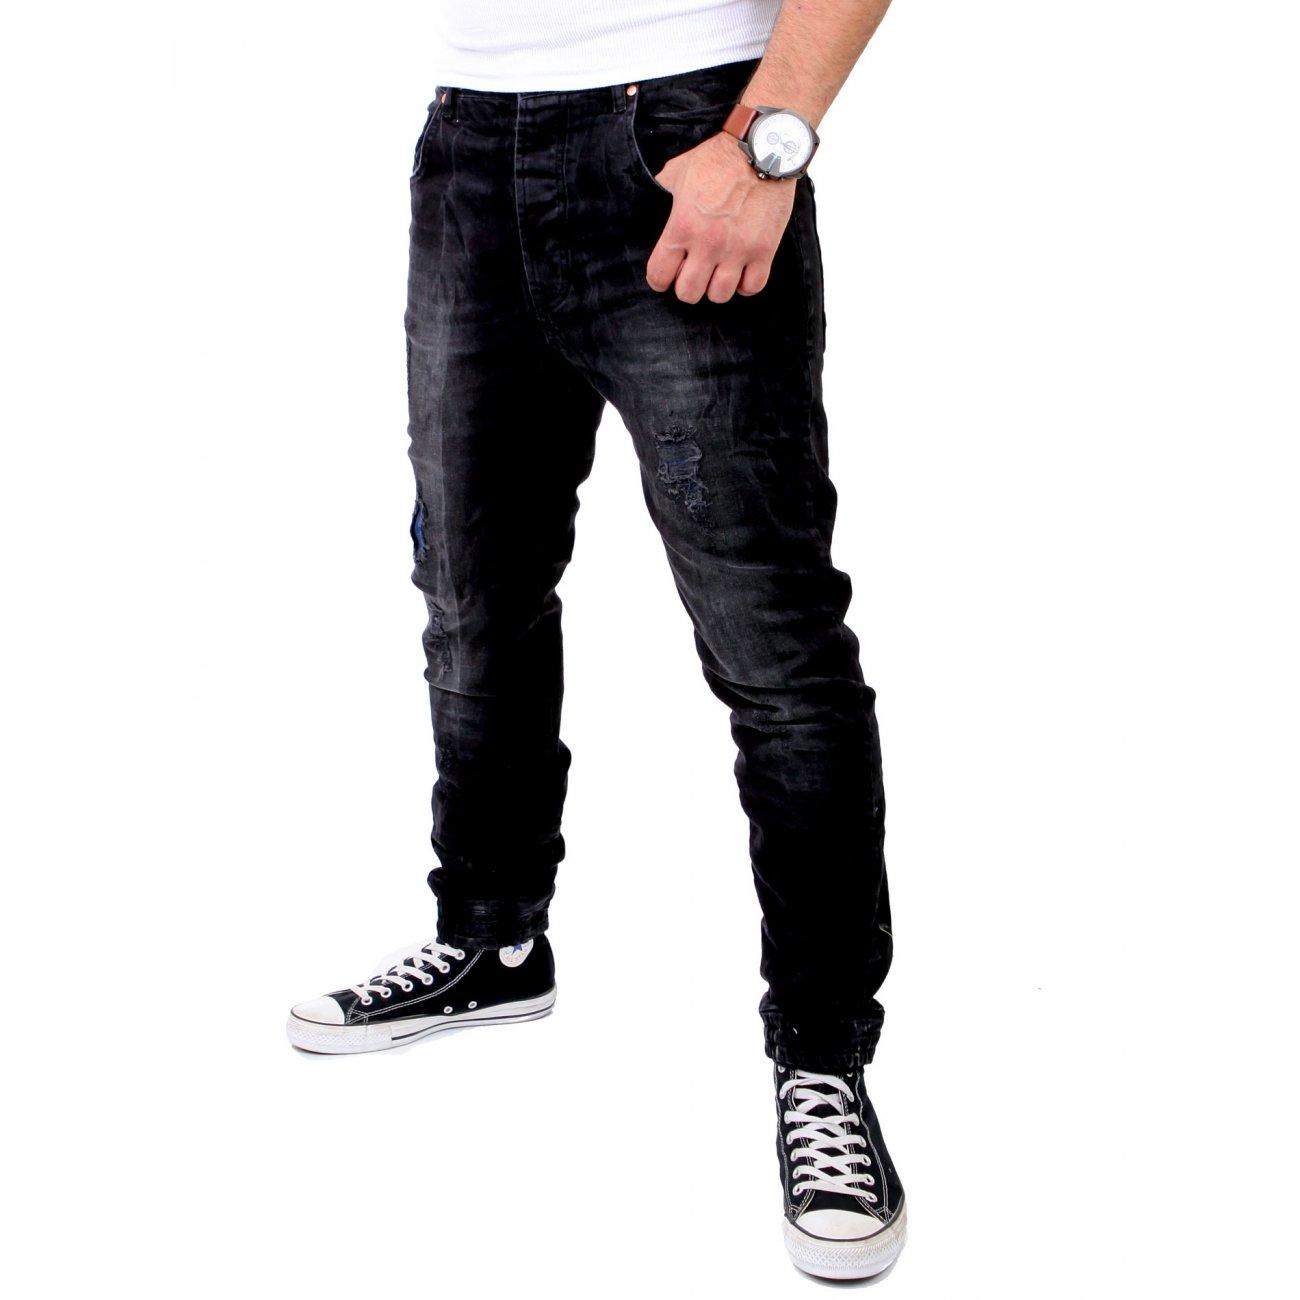 vsct herren jeans hose noah black vintage schwarz. Black Bedroom Furniture Sets. Home Design Ideas